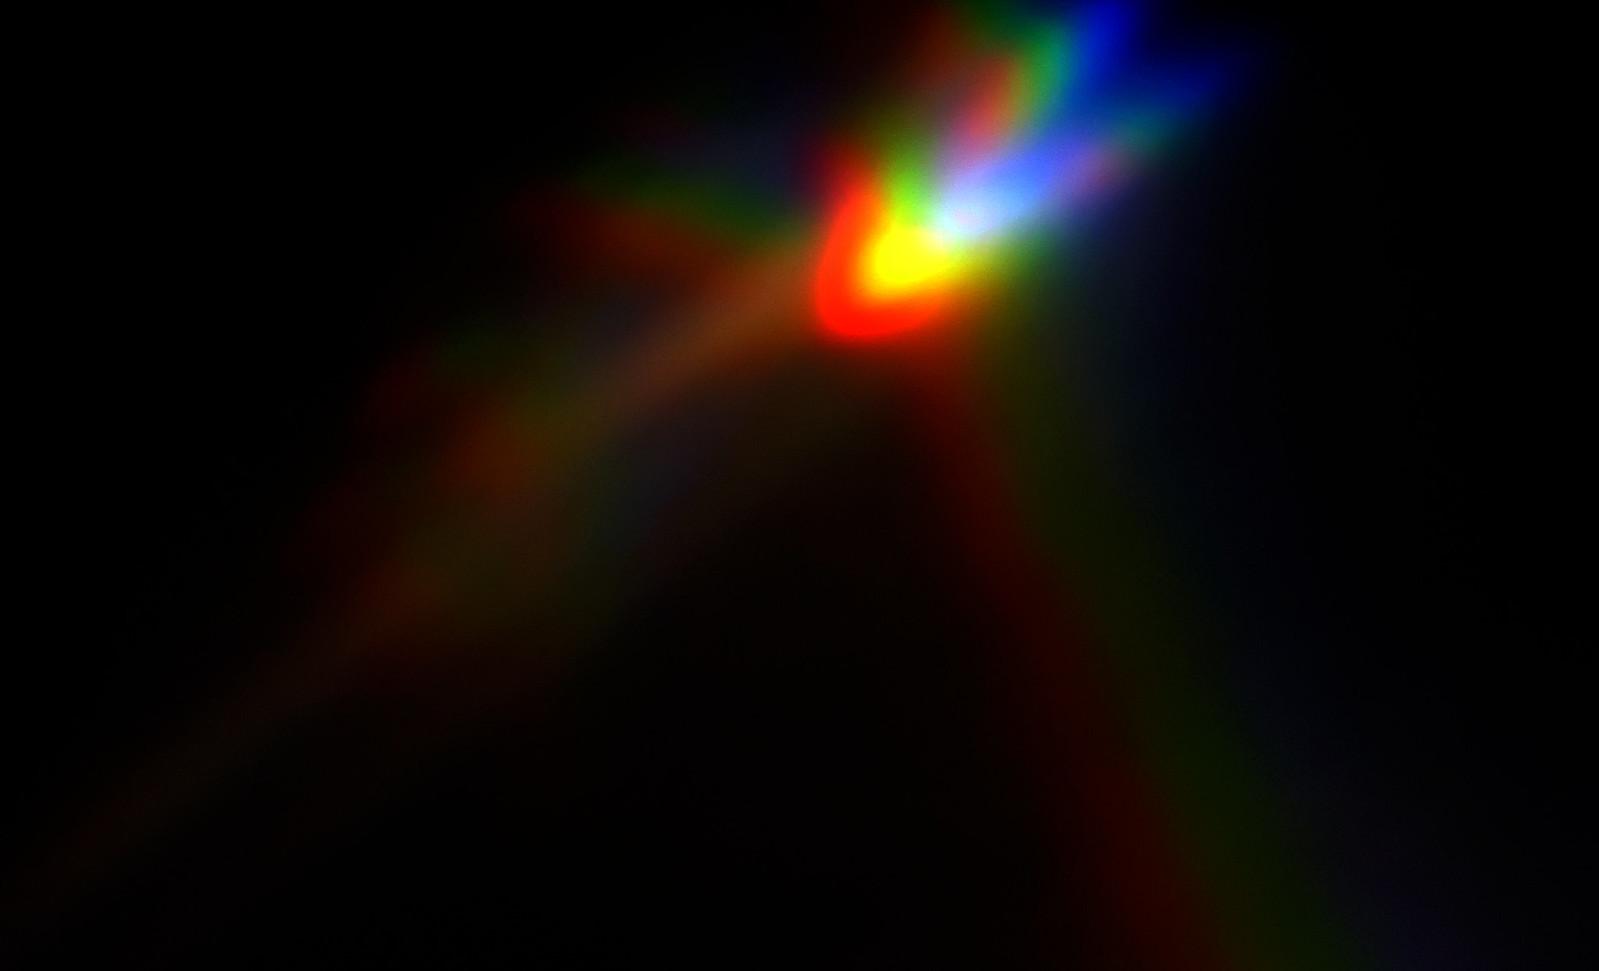 Espectro de luz 10